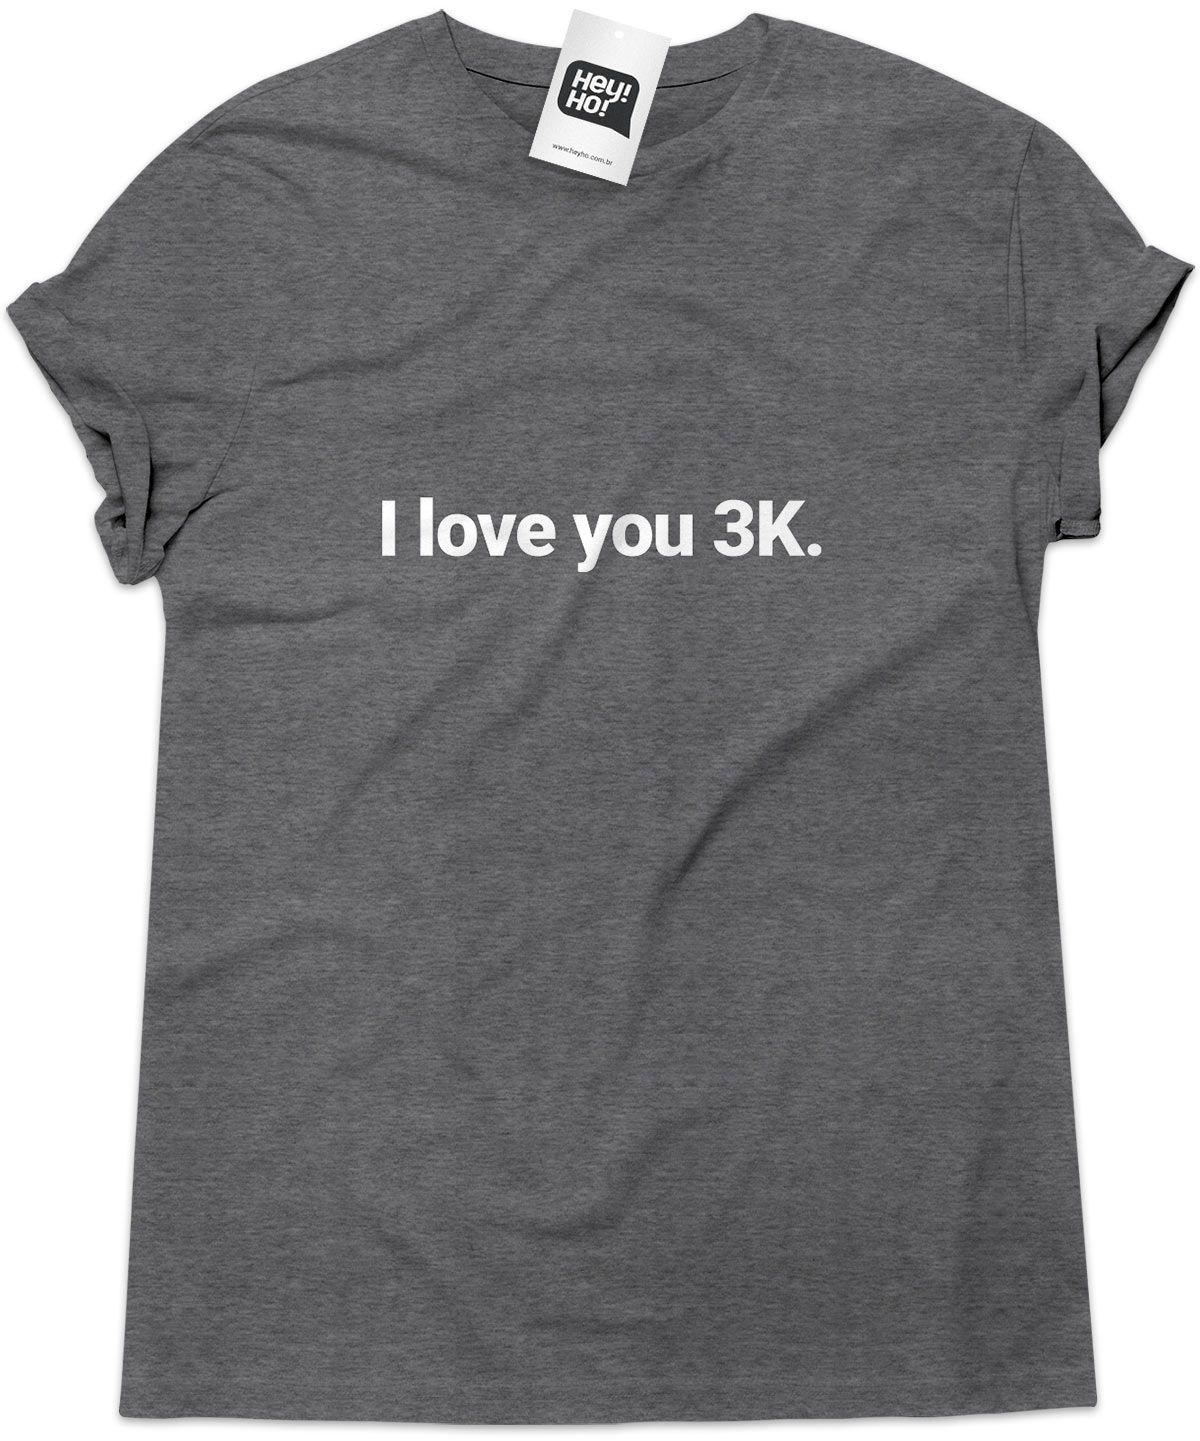 AVENGERS - I Love You 3K